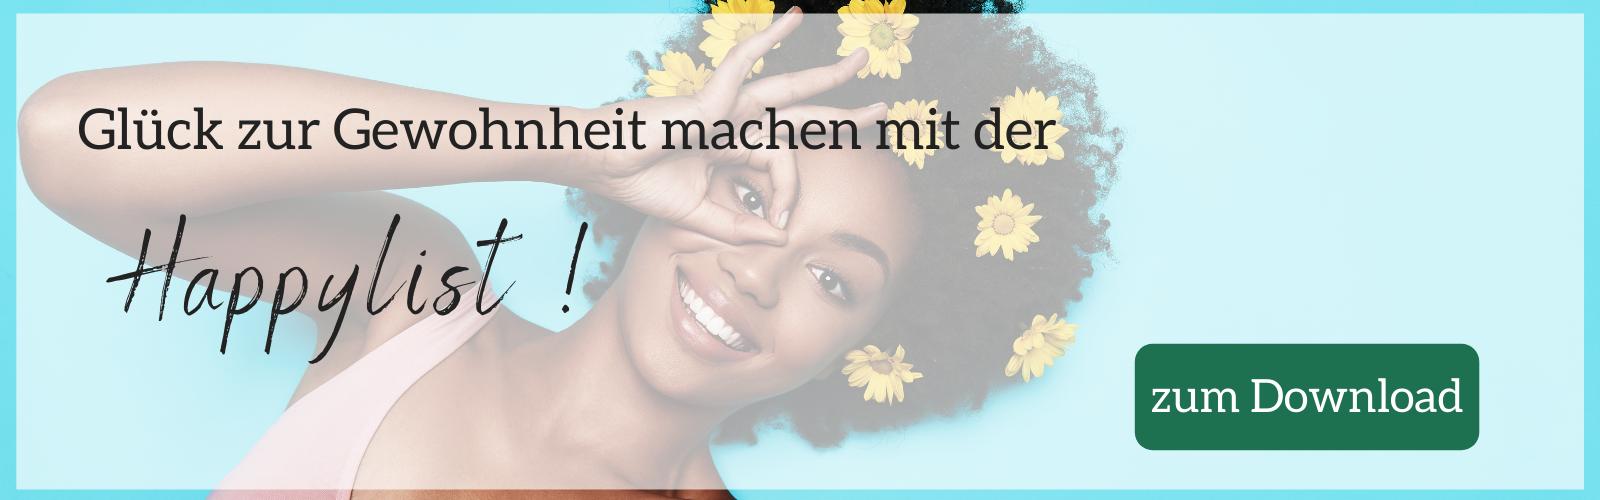 Glück-Liste-Erinnerungen-Reminder-Wege-zum-Glück-glücklich-glücklich-sein-ich-bin-glücklich-sei-glücklich-R-Happylist-Bild-Desktop